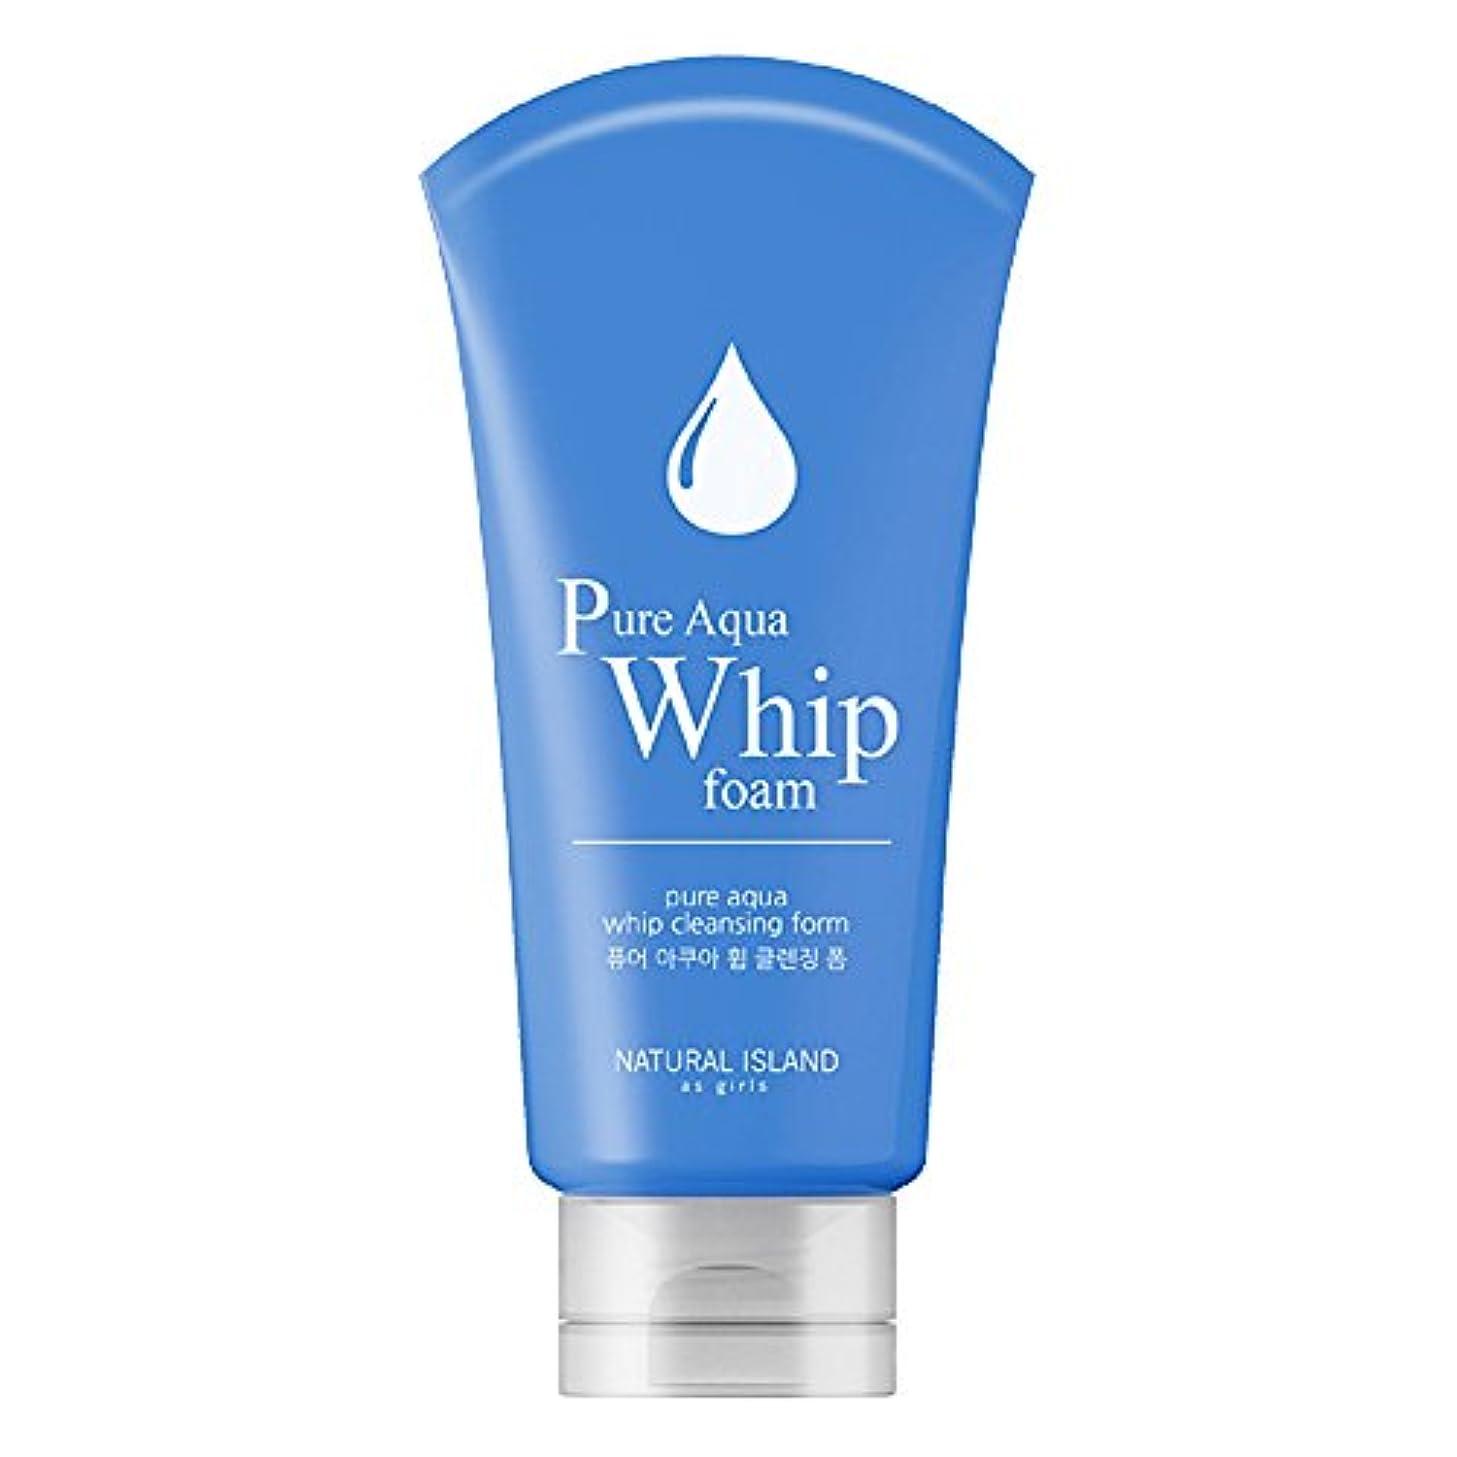 ペルメルフラグラント小麦Natural Island Pure Aqua Whip Cleansing Foam 120ml/ナチュラルアイランドピュアアクアホイップクレンジングフォーム120ml [並行輸入品]